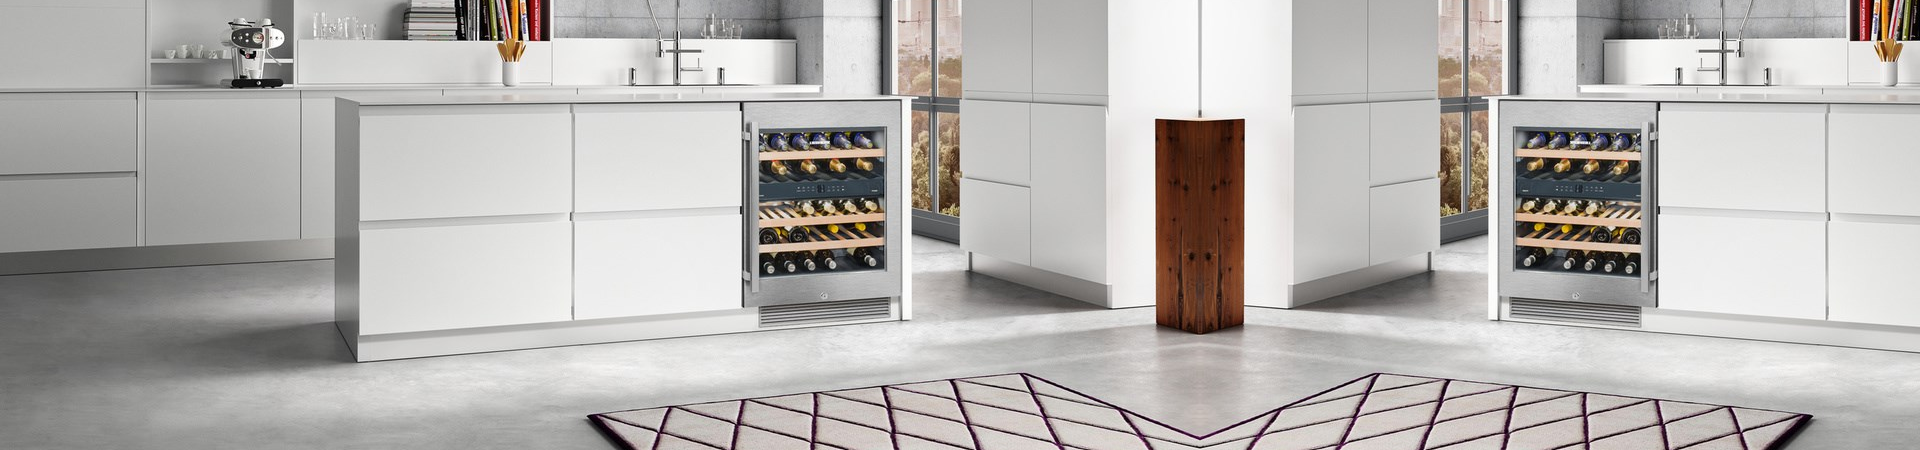 מקרר יין LIEBHERR דגם UWTES1672